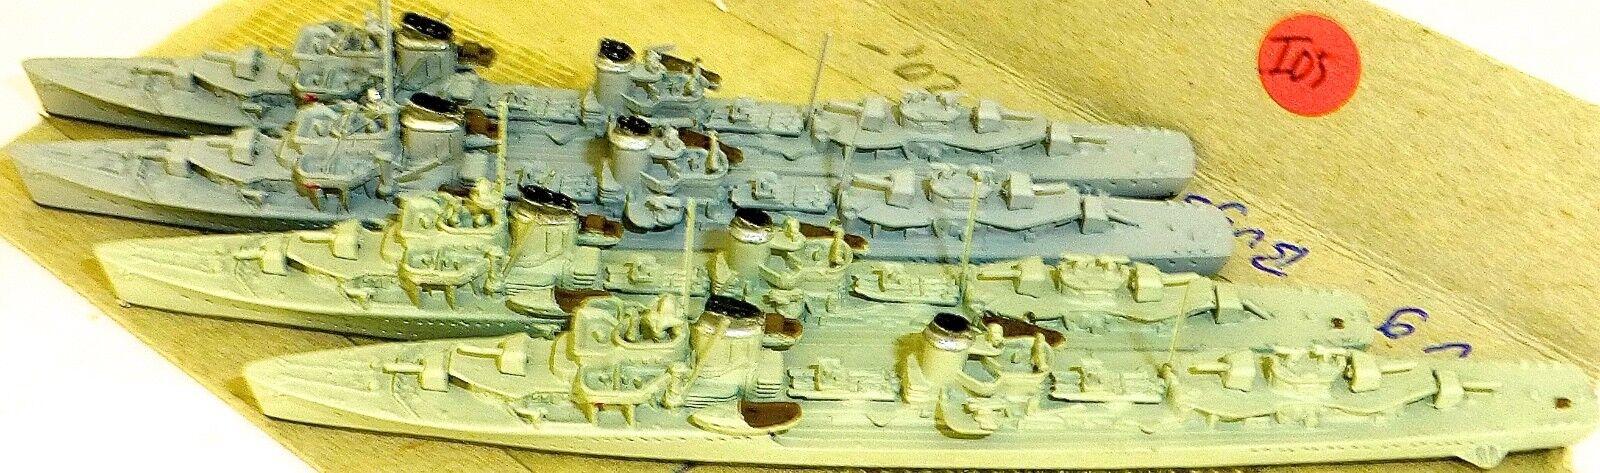 40% de descuento 4 unidades z 1-4 destructores Neptuno 1065 barco modelo 1 1 1 1250 shpi 05 Å   marca famosa